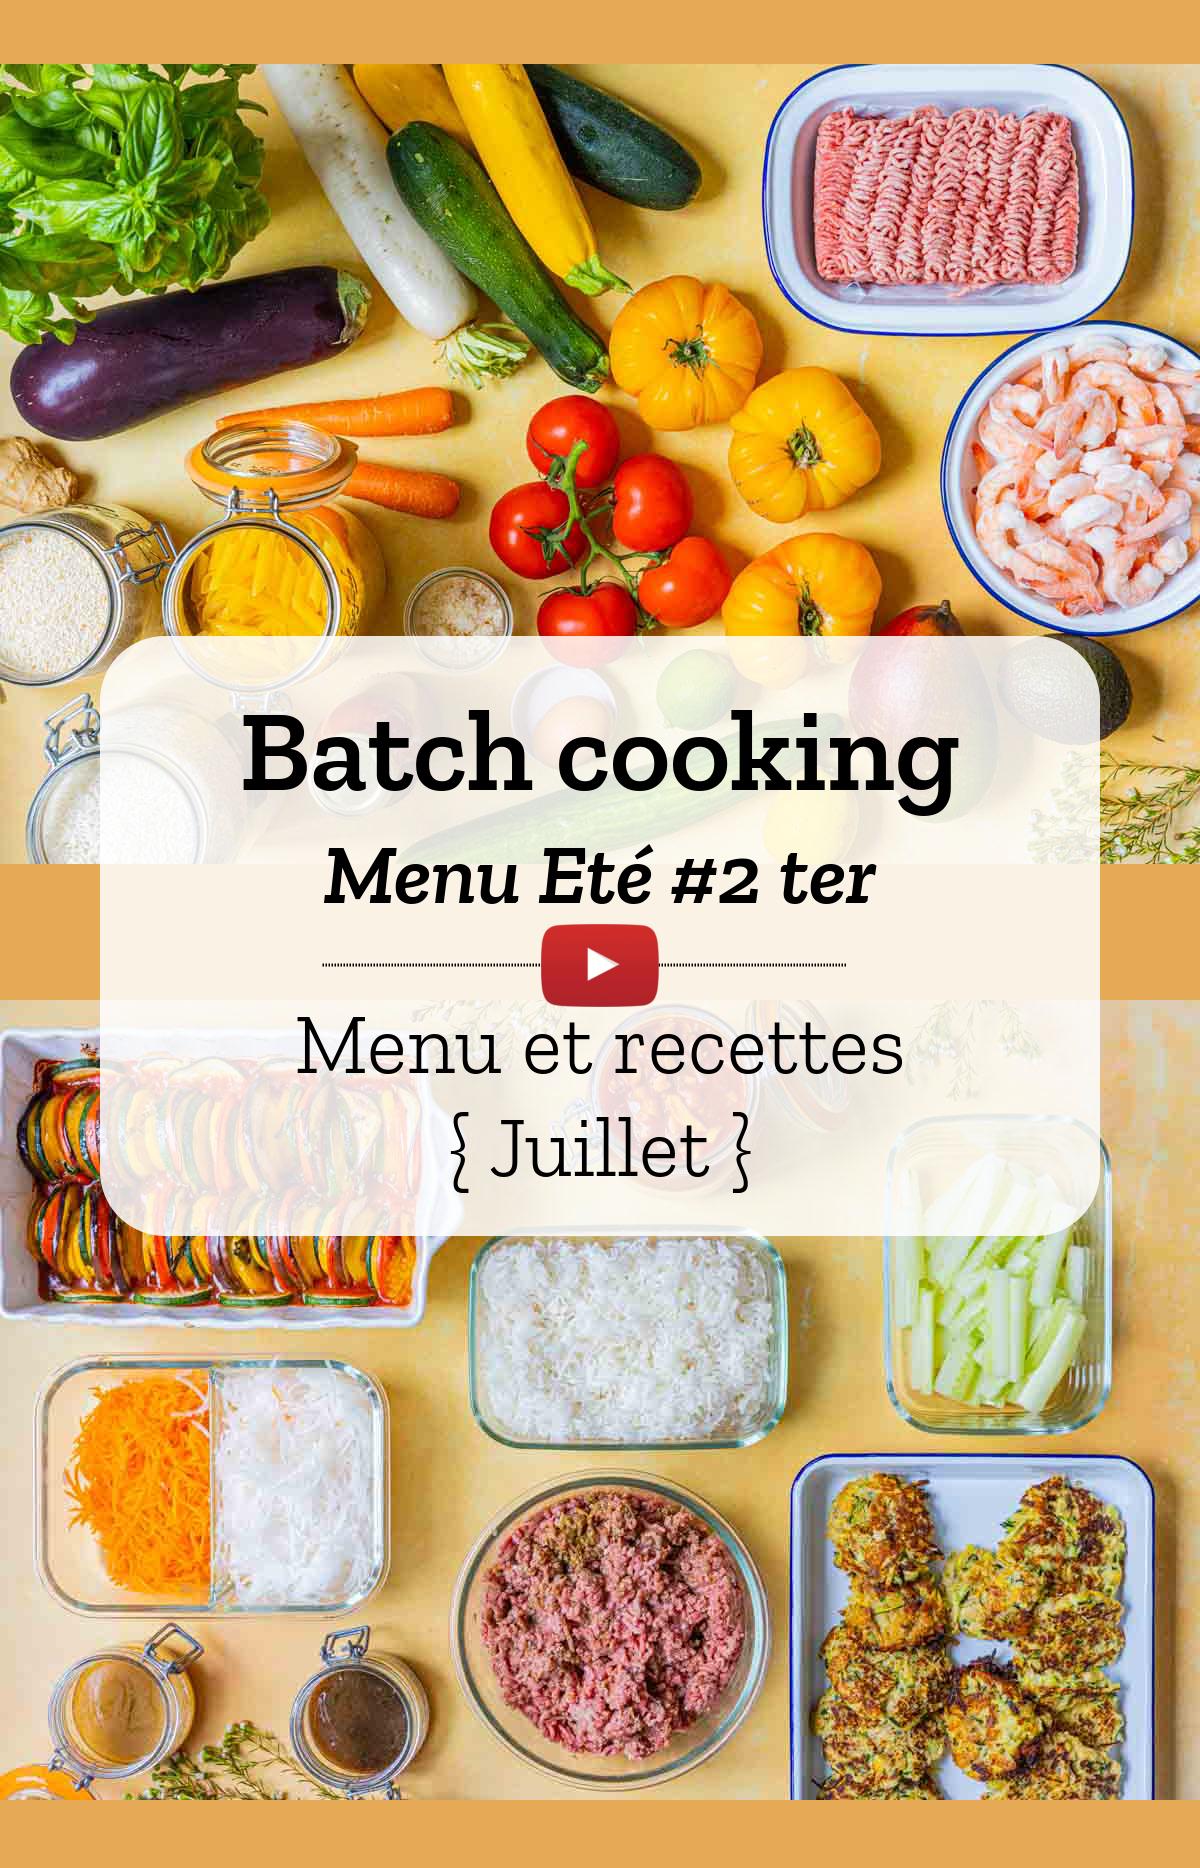 Batch cooking en vidéo! Eté #2 ter - Mois de juillet 2021 - Semaine 27